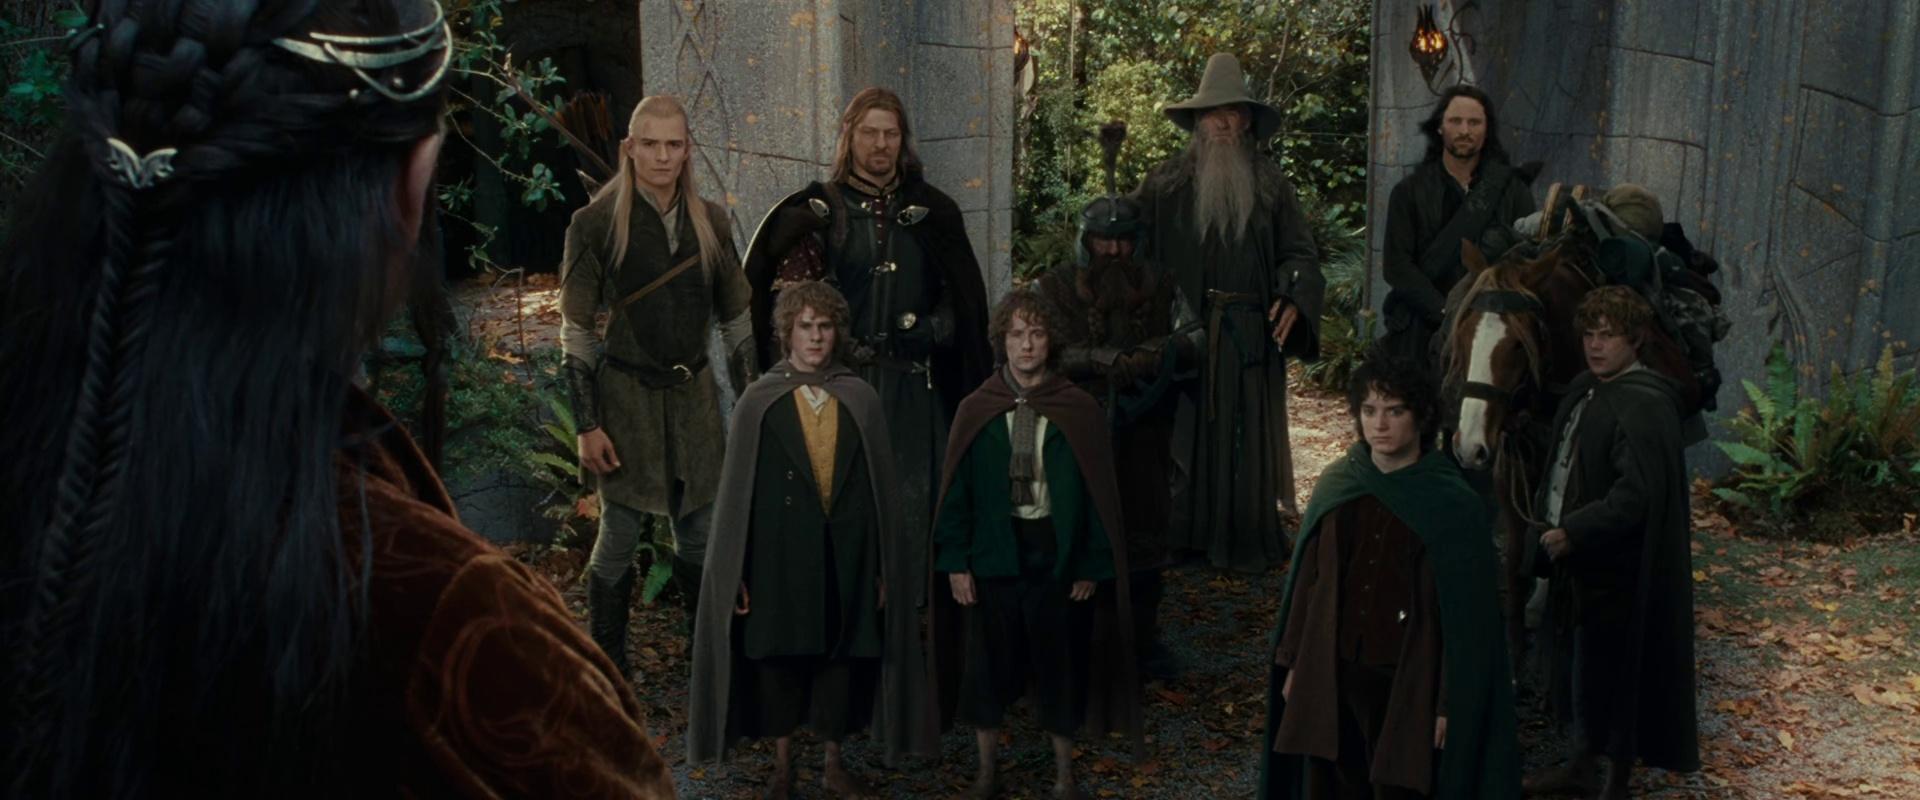 Il Signore degli Anelli: l'origine della saga